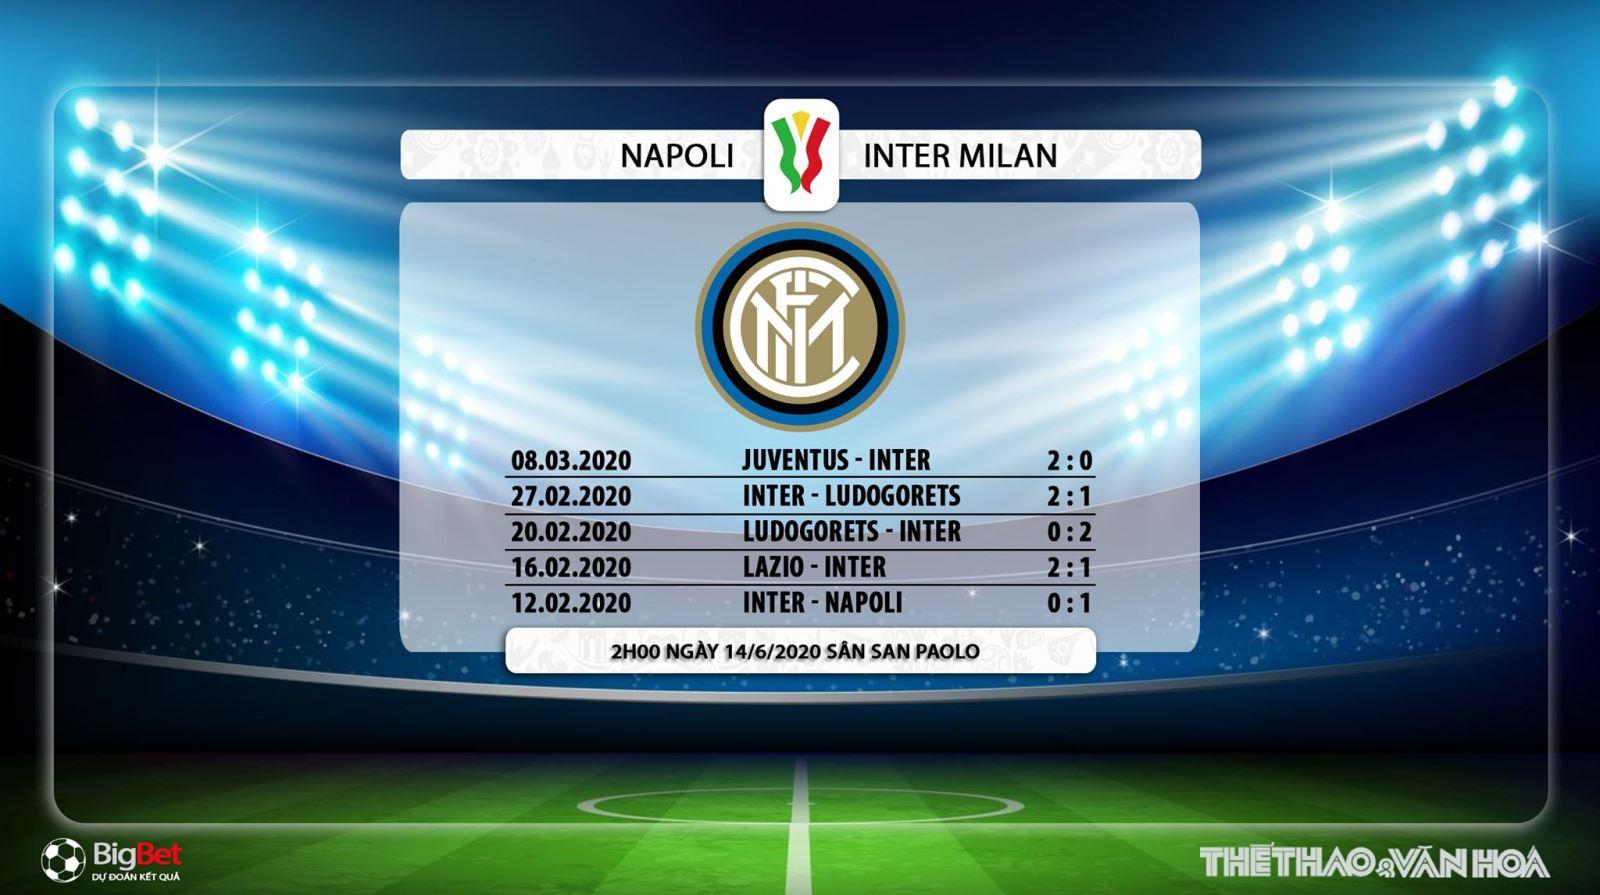 Napoli vs Inter Milan, bóng đá, bong da, Napoli, Inter Milan, trực tiếp bóng đá, soi kèo, nhận định, dự đoán